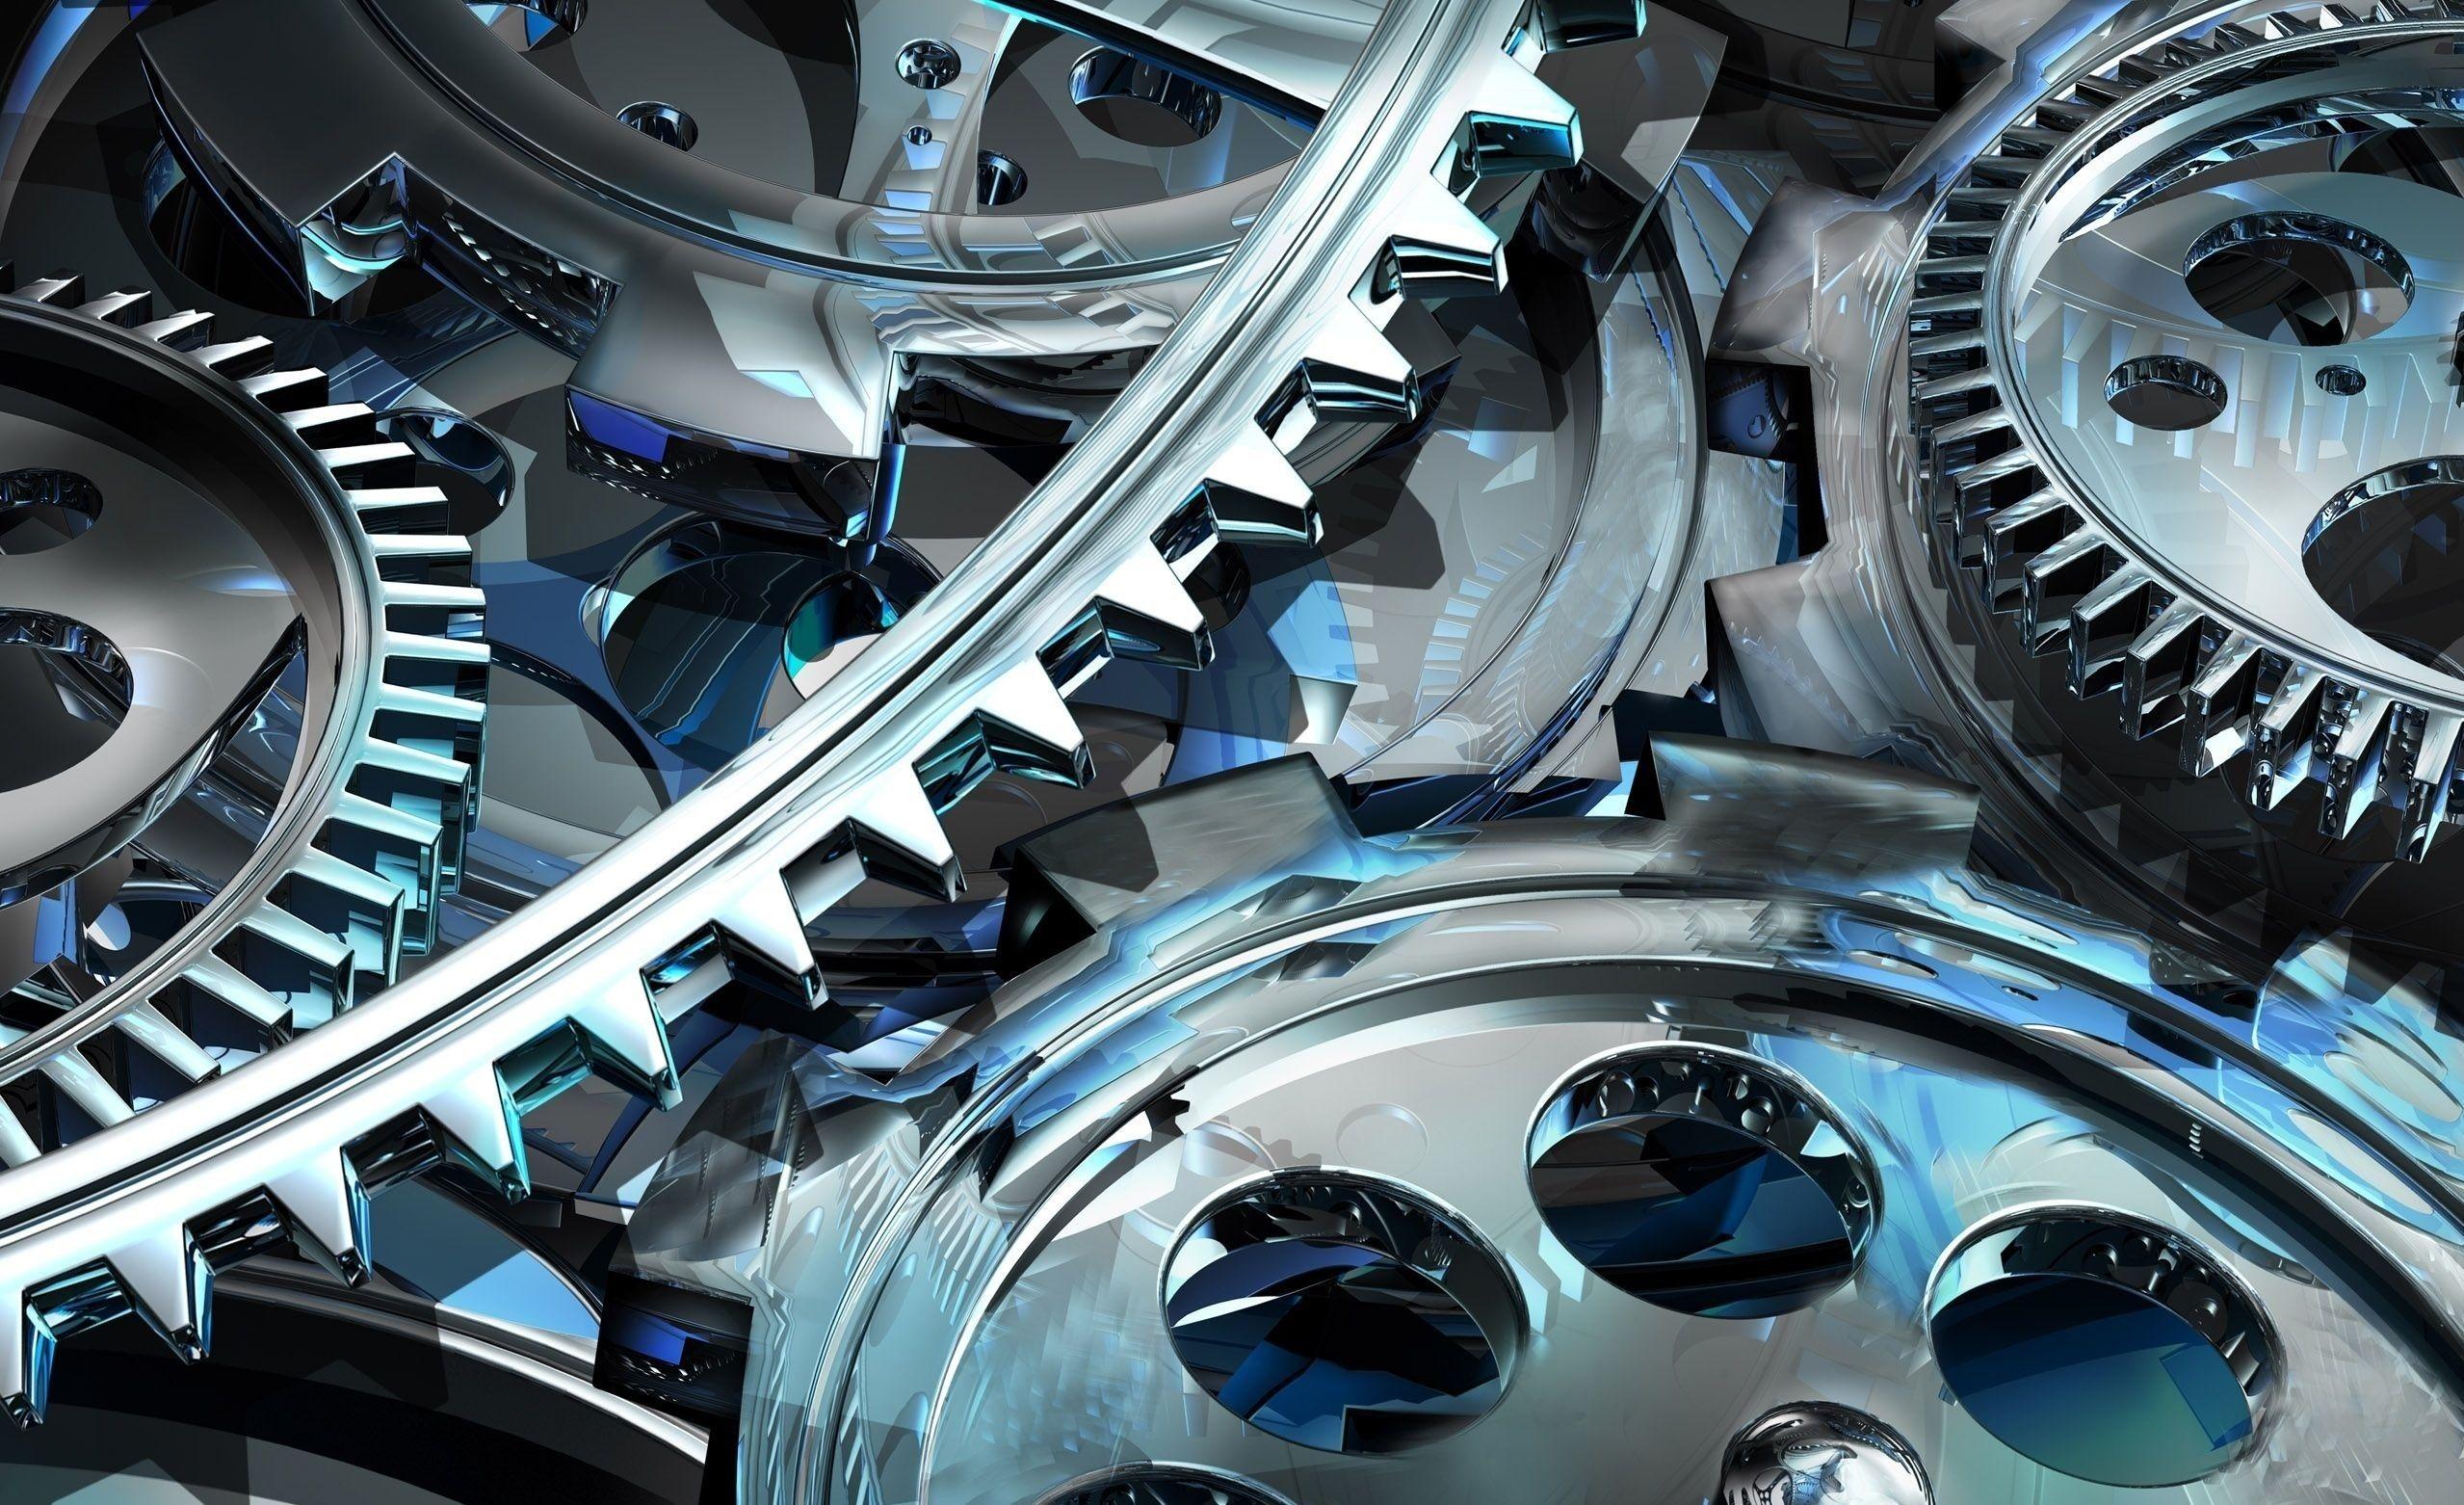 Download wallpaper 2558x1562 gear art mechanism hd background 2558x1562